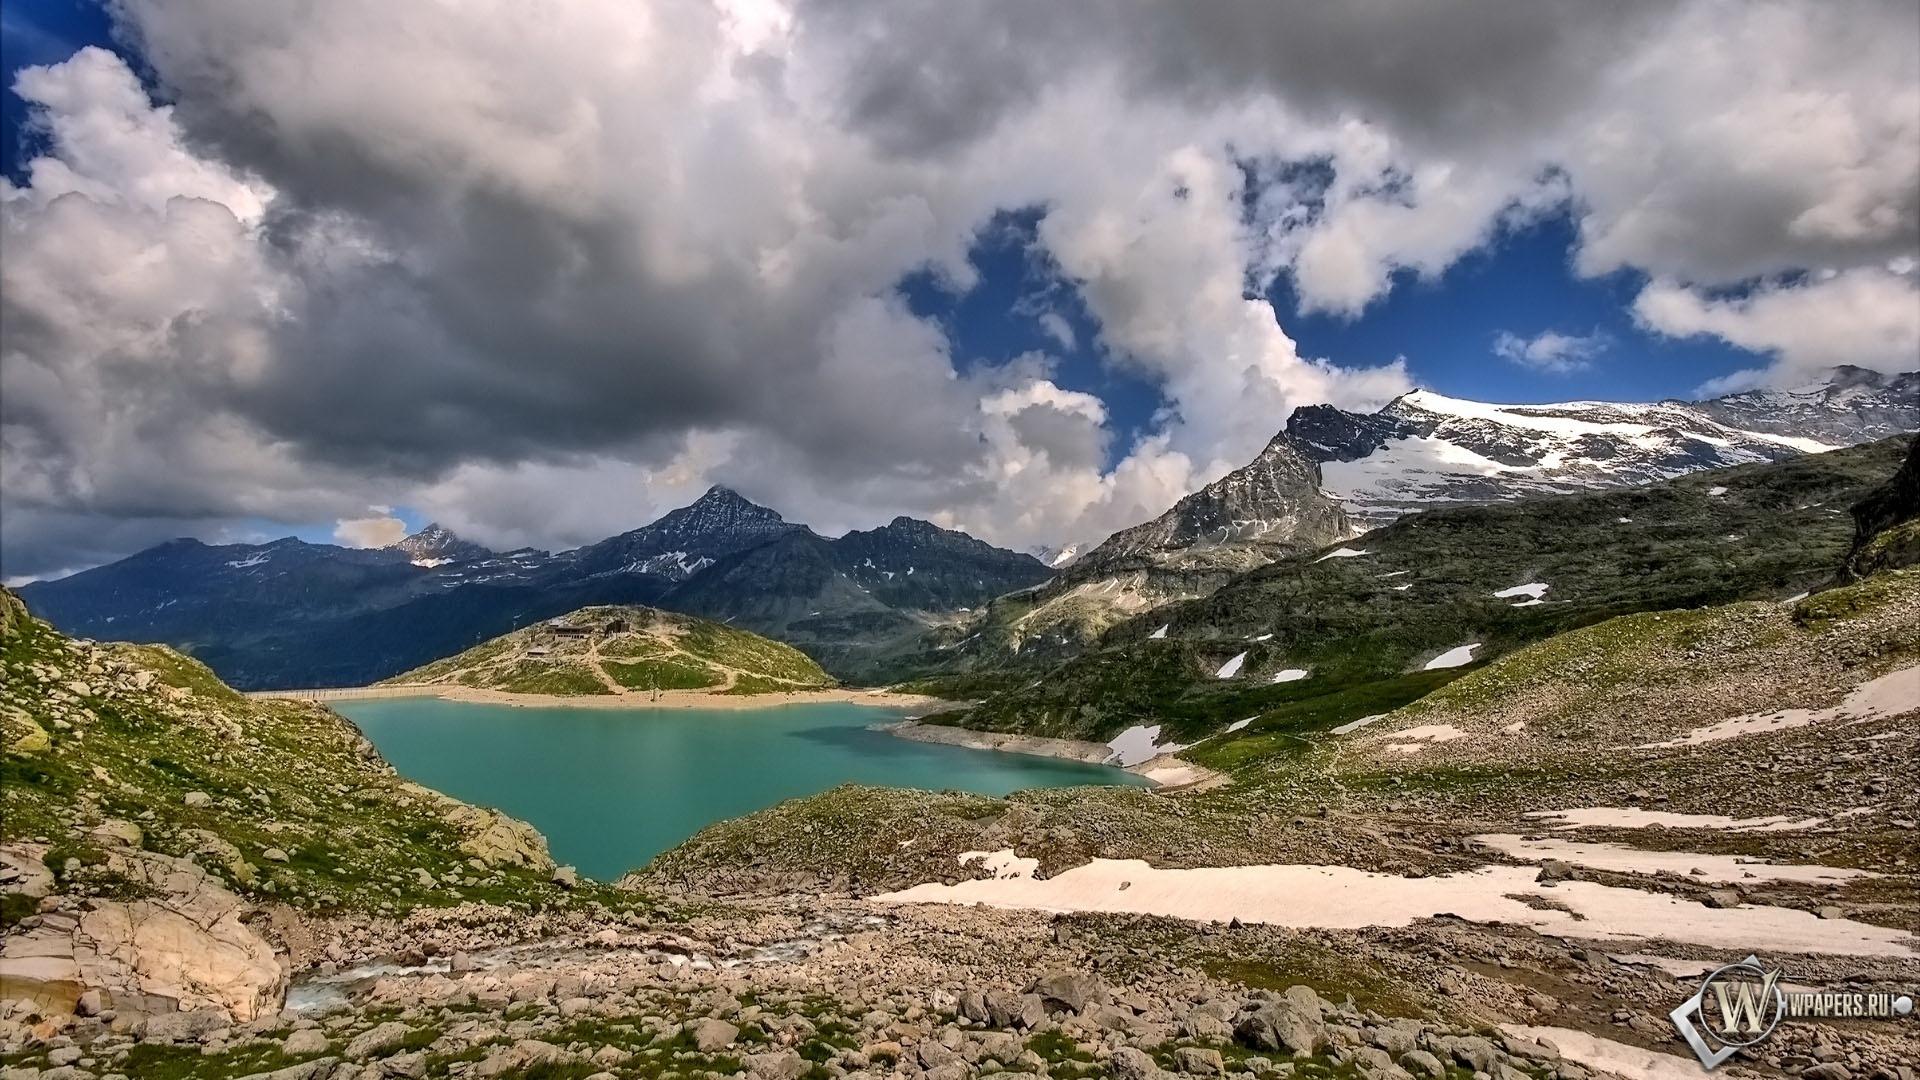 Где-то в горах 1920x1080